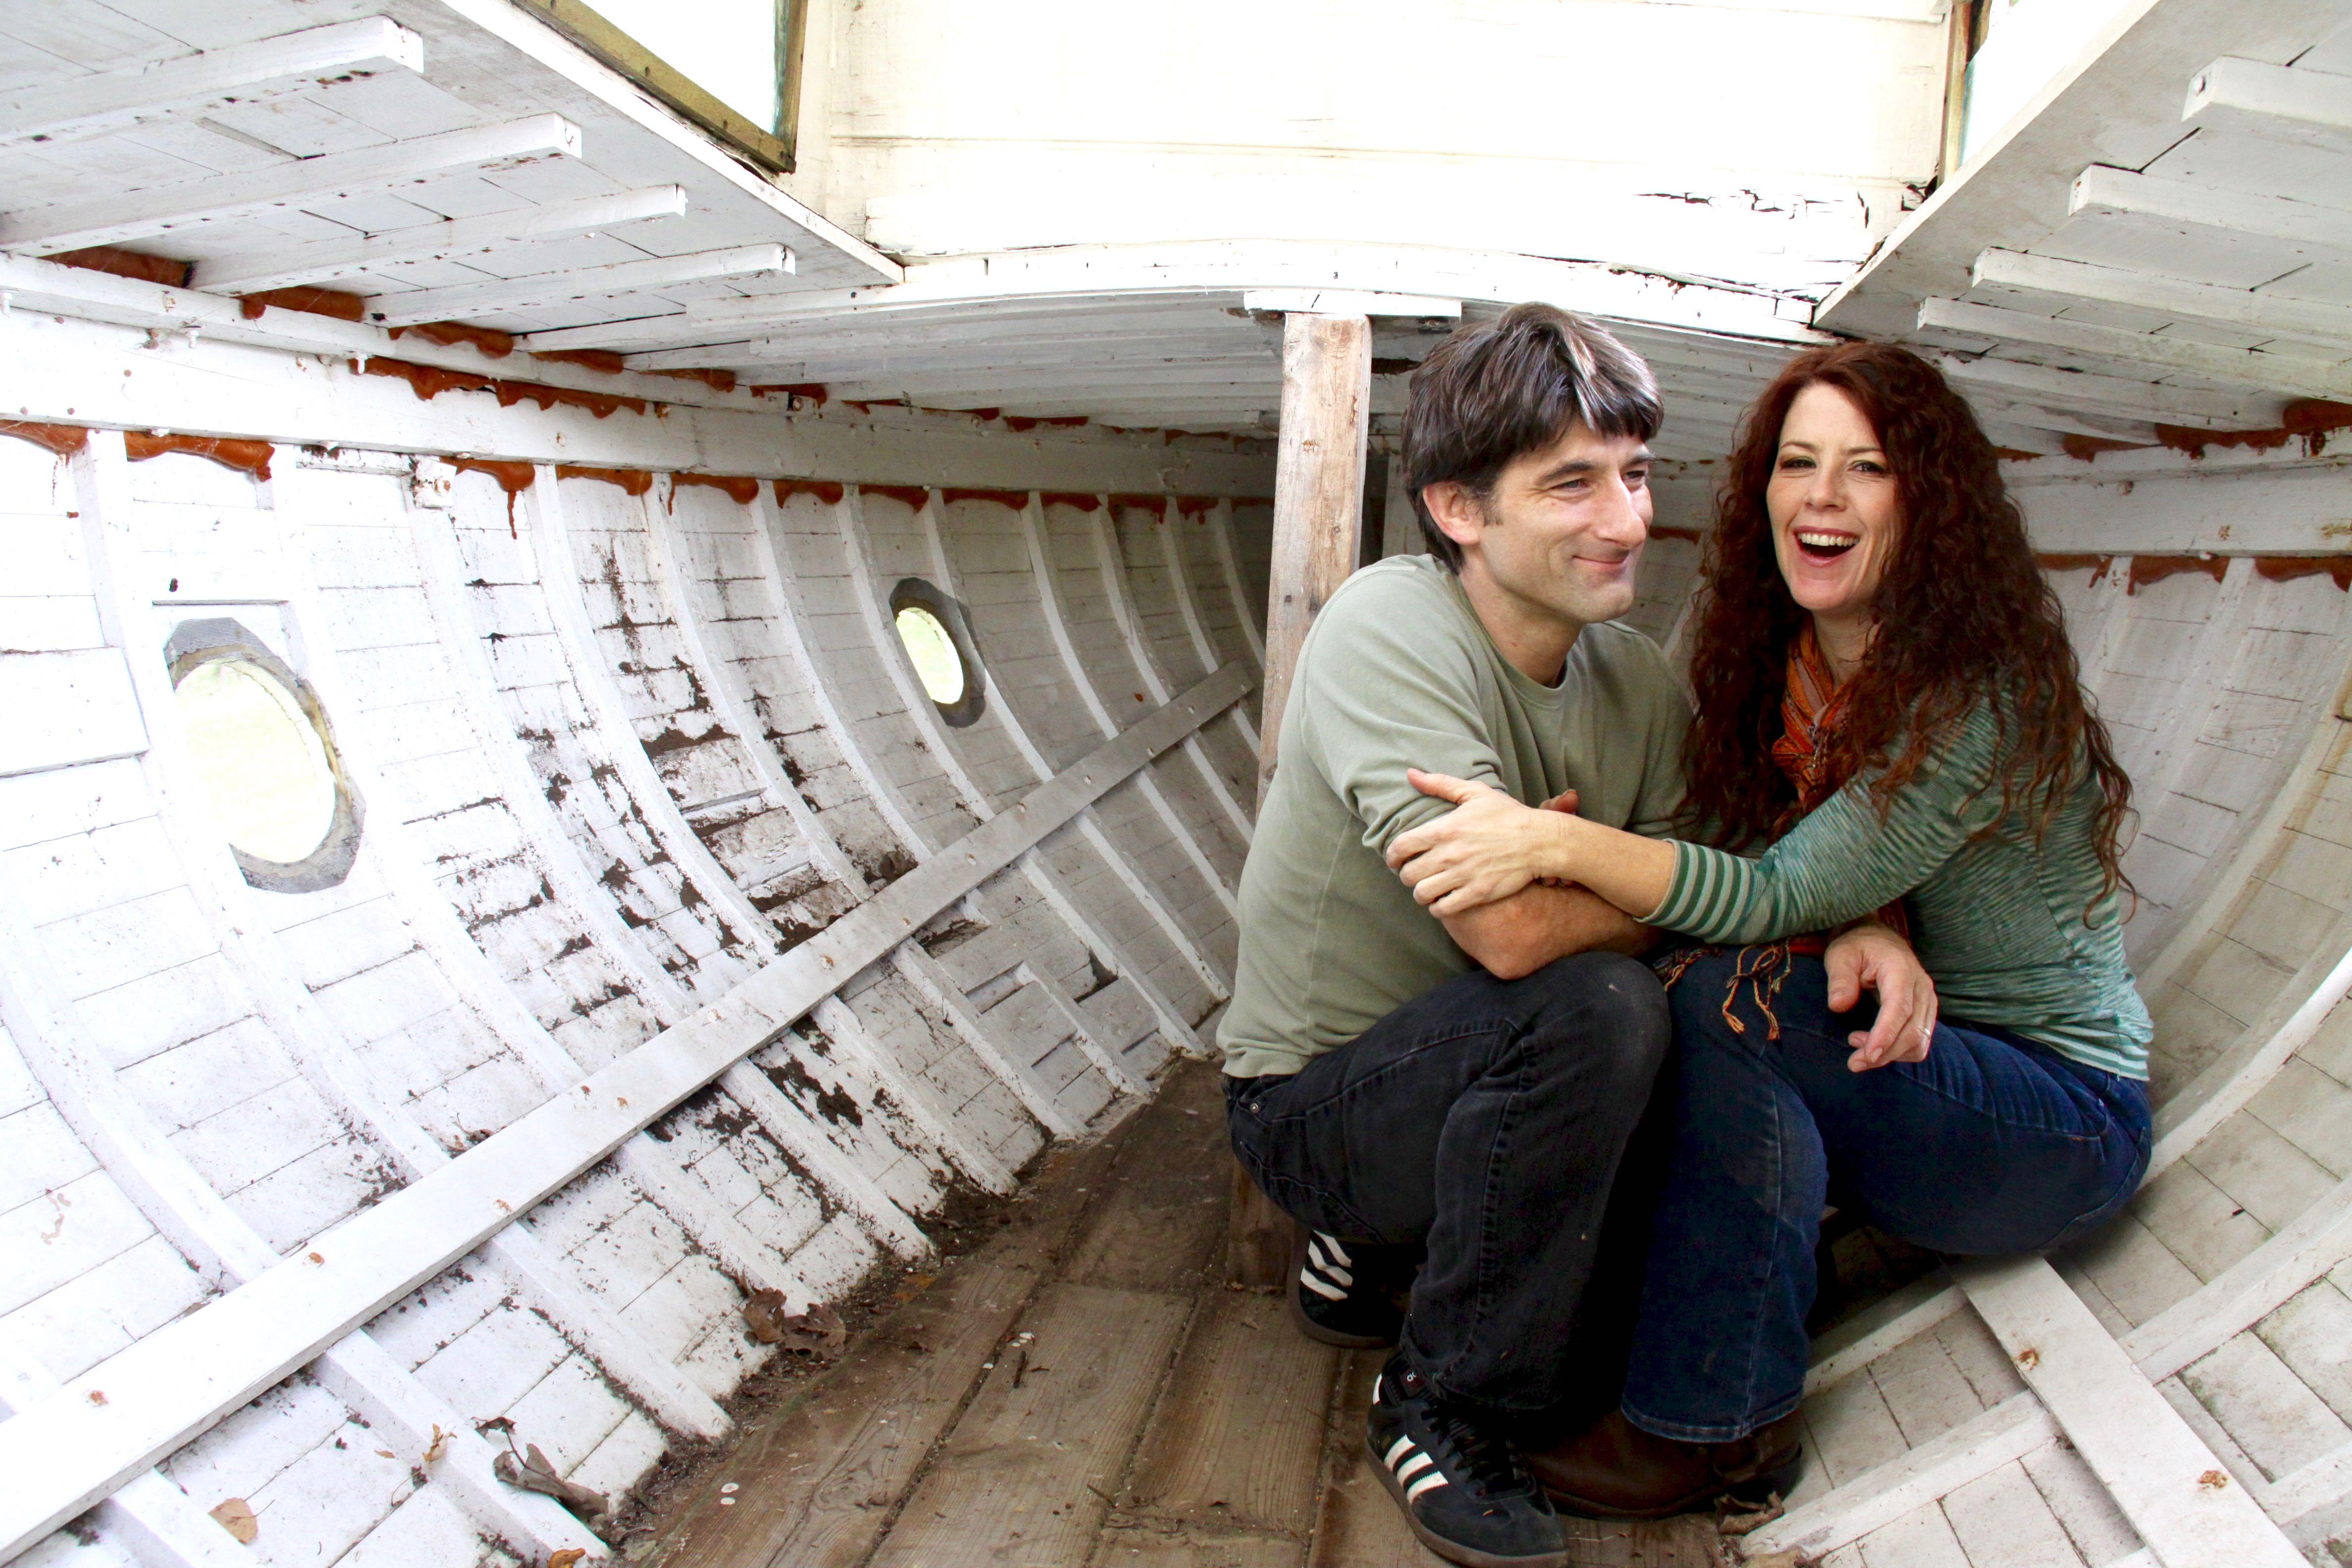 Gumption with Krista Detor & Dave Weber